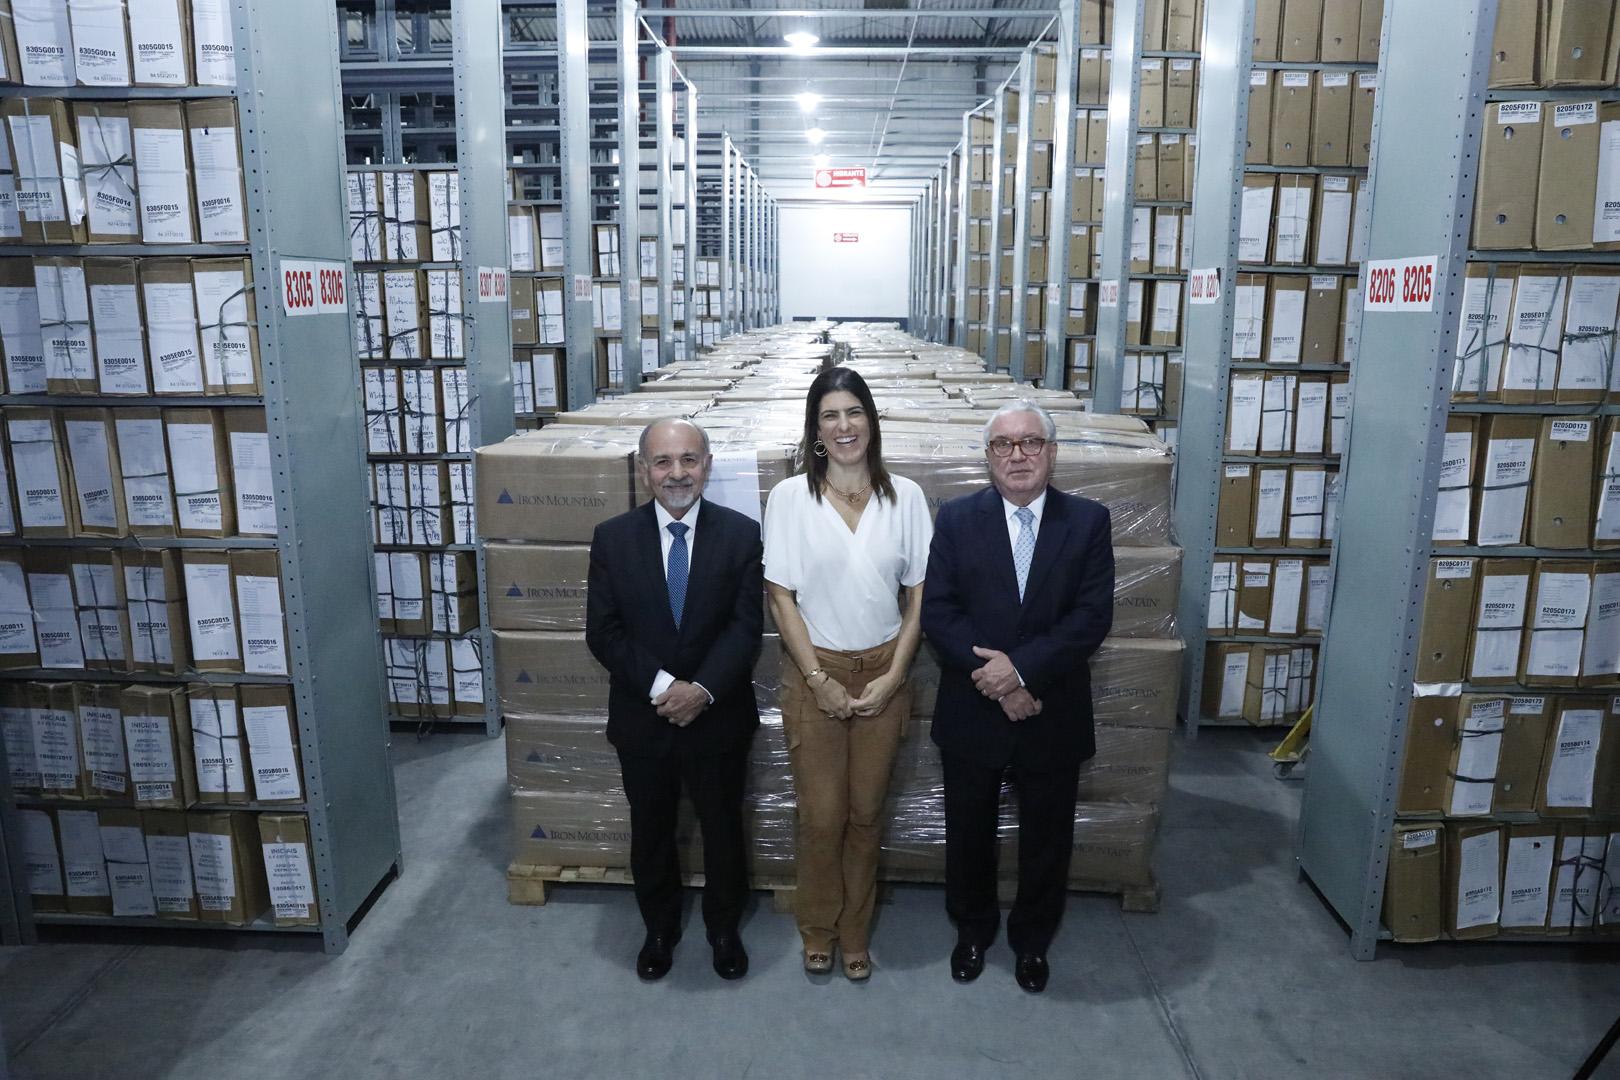 TJSP transfere acervo de processos do Arquivo do Ipiranga para Jundiaí